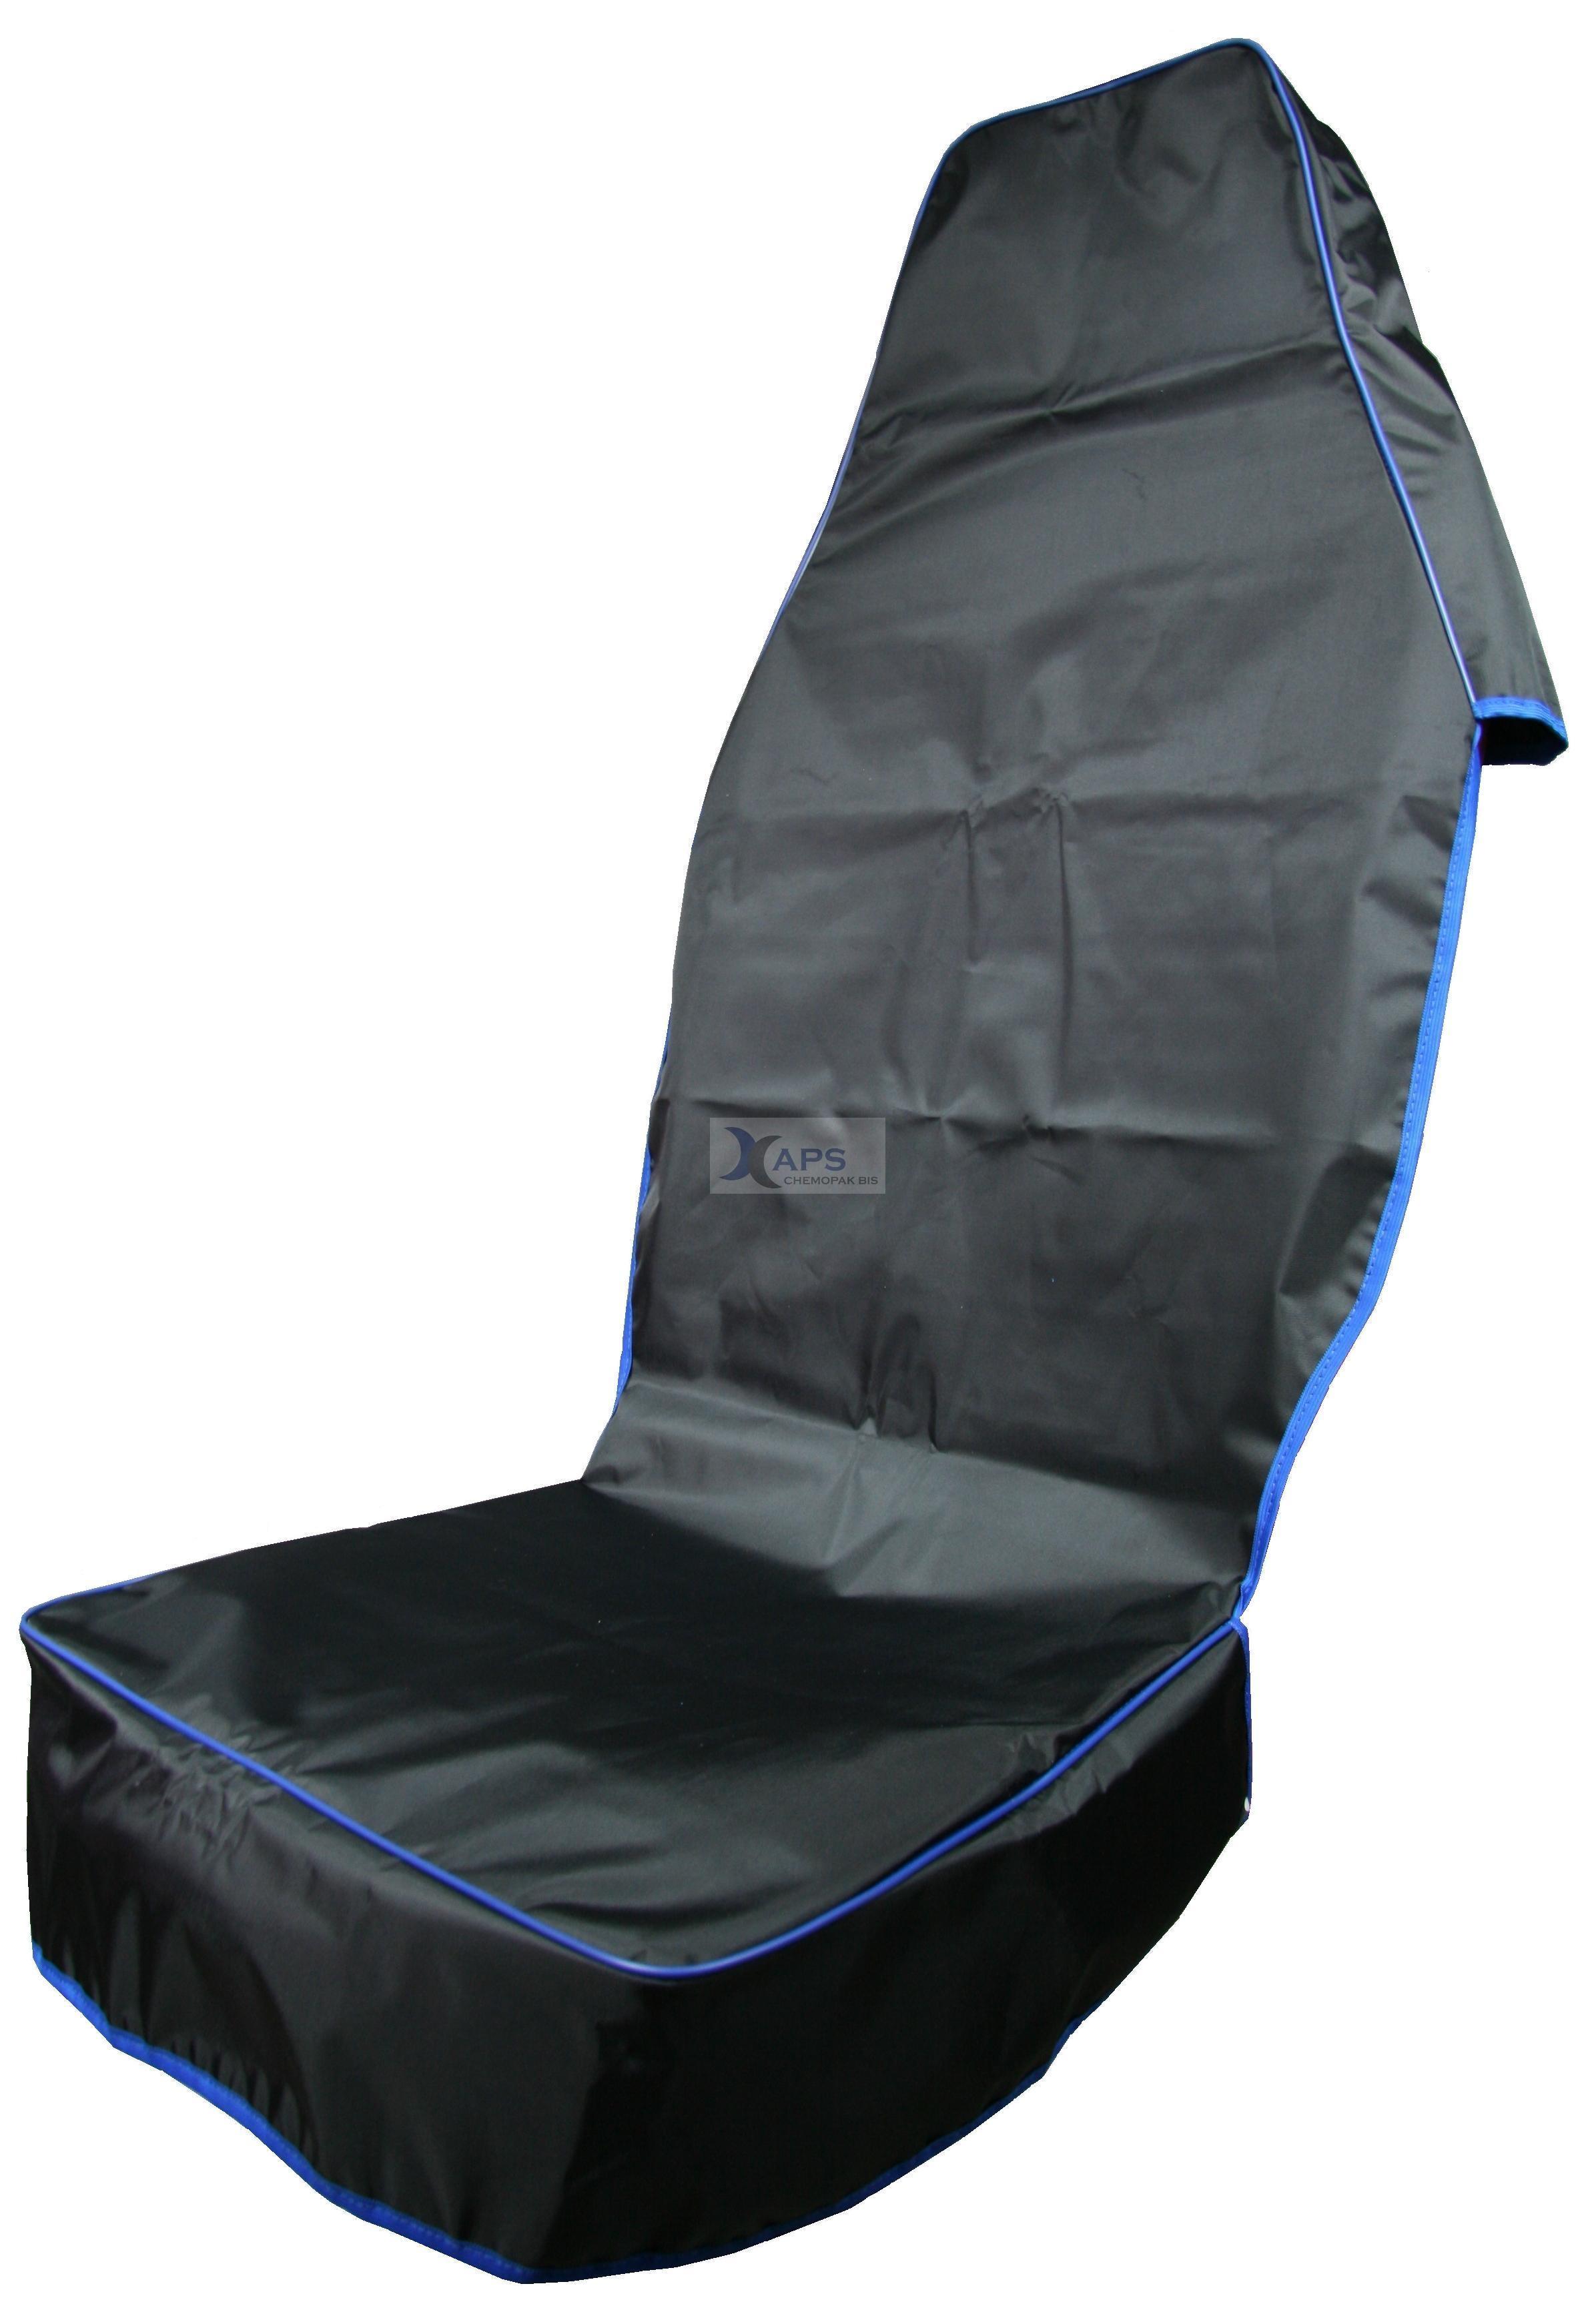 Promechanik Pokrowiec Ochronny Na Fotel Samochodowy